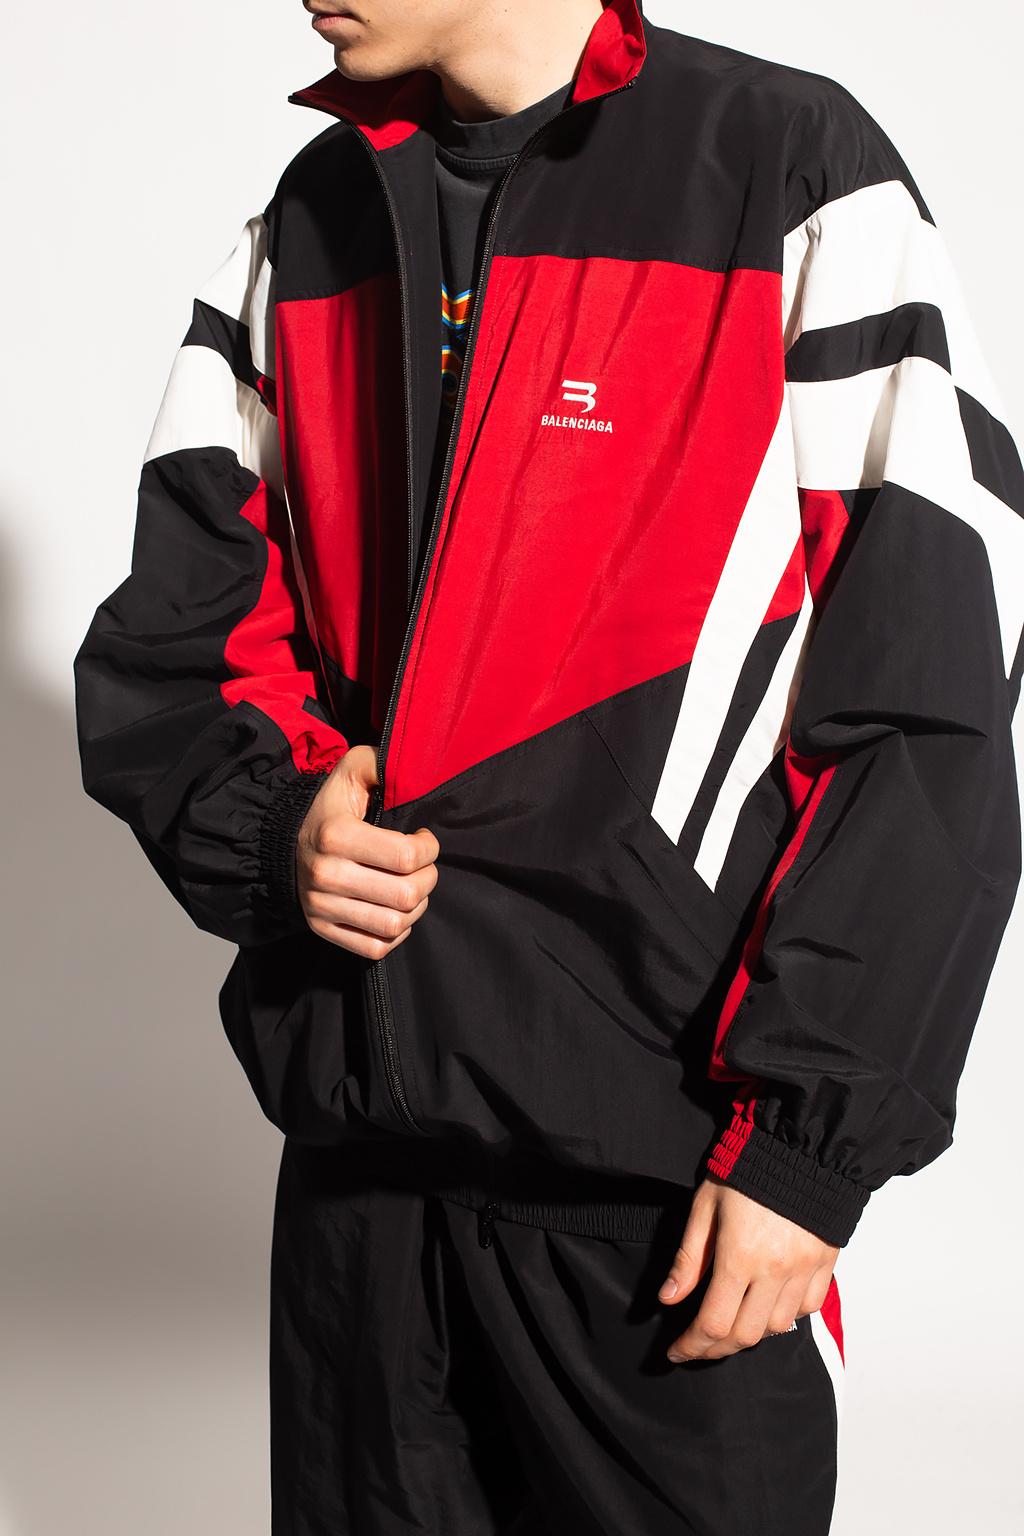 Balenciaga Jacket with logo